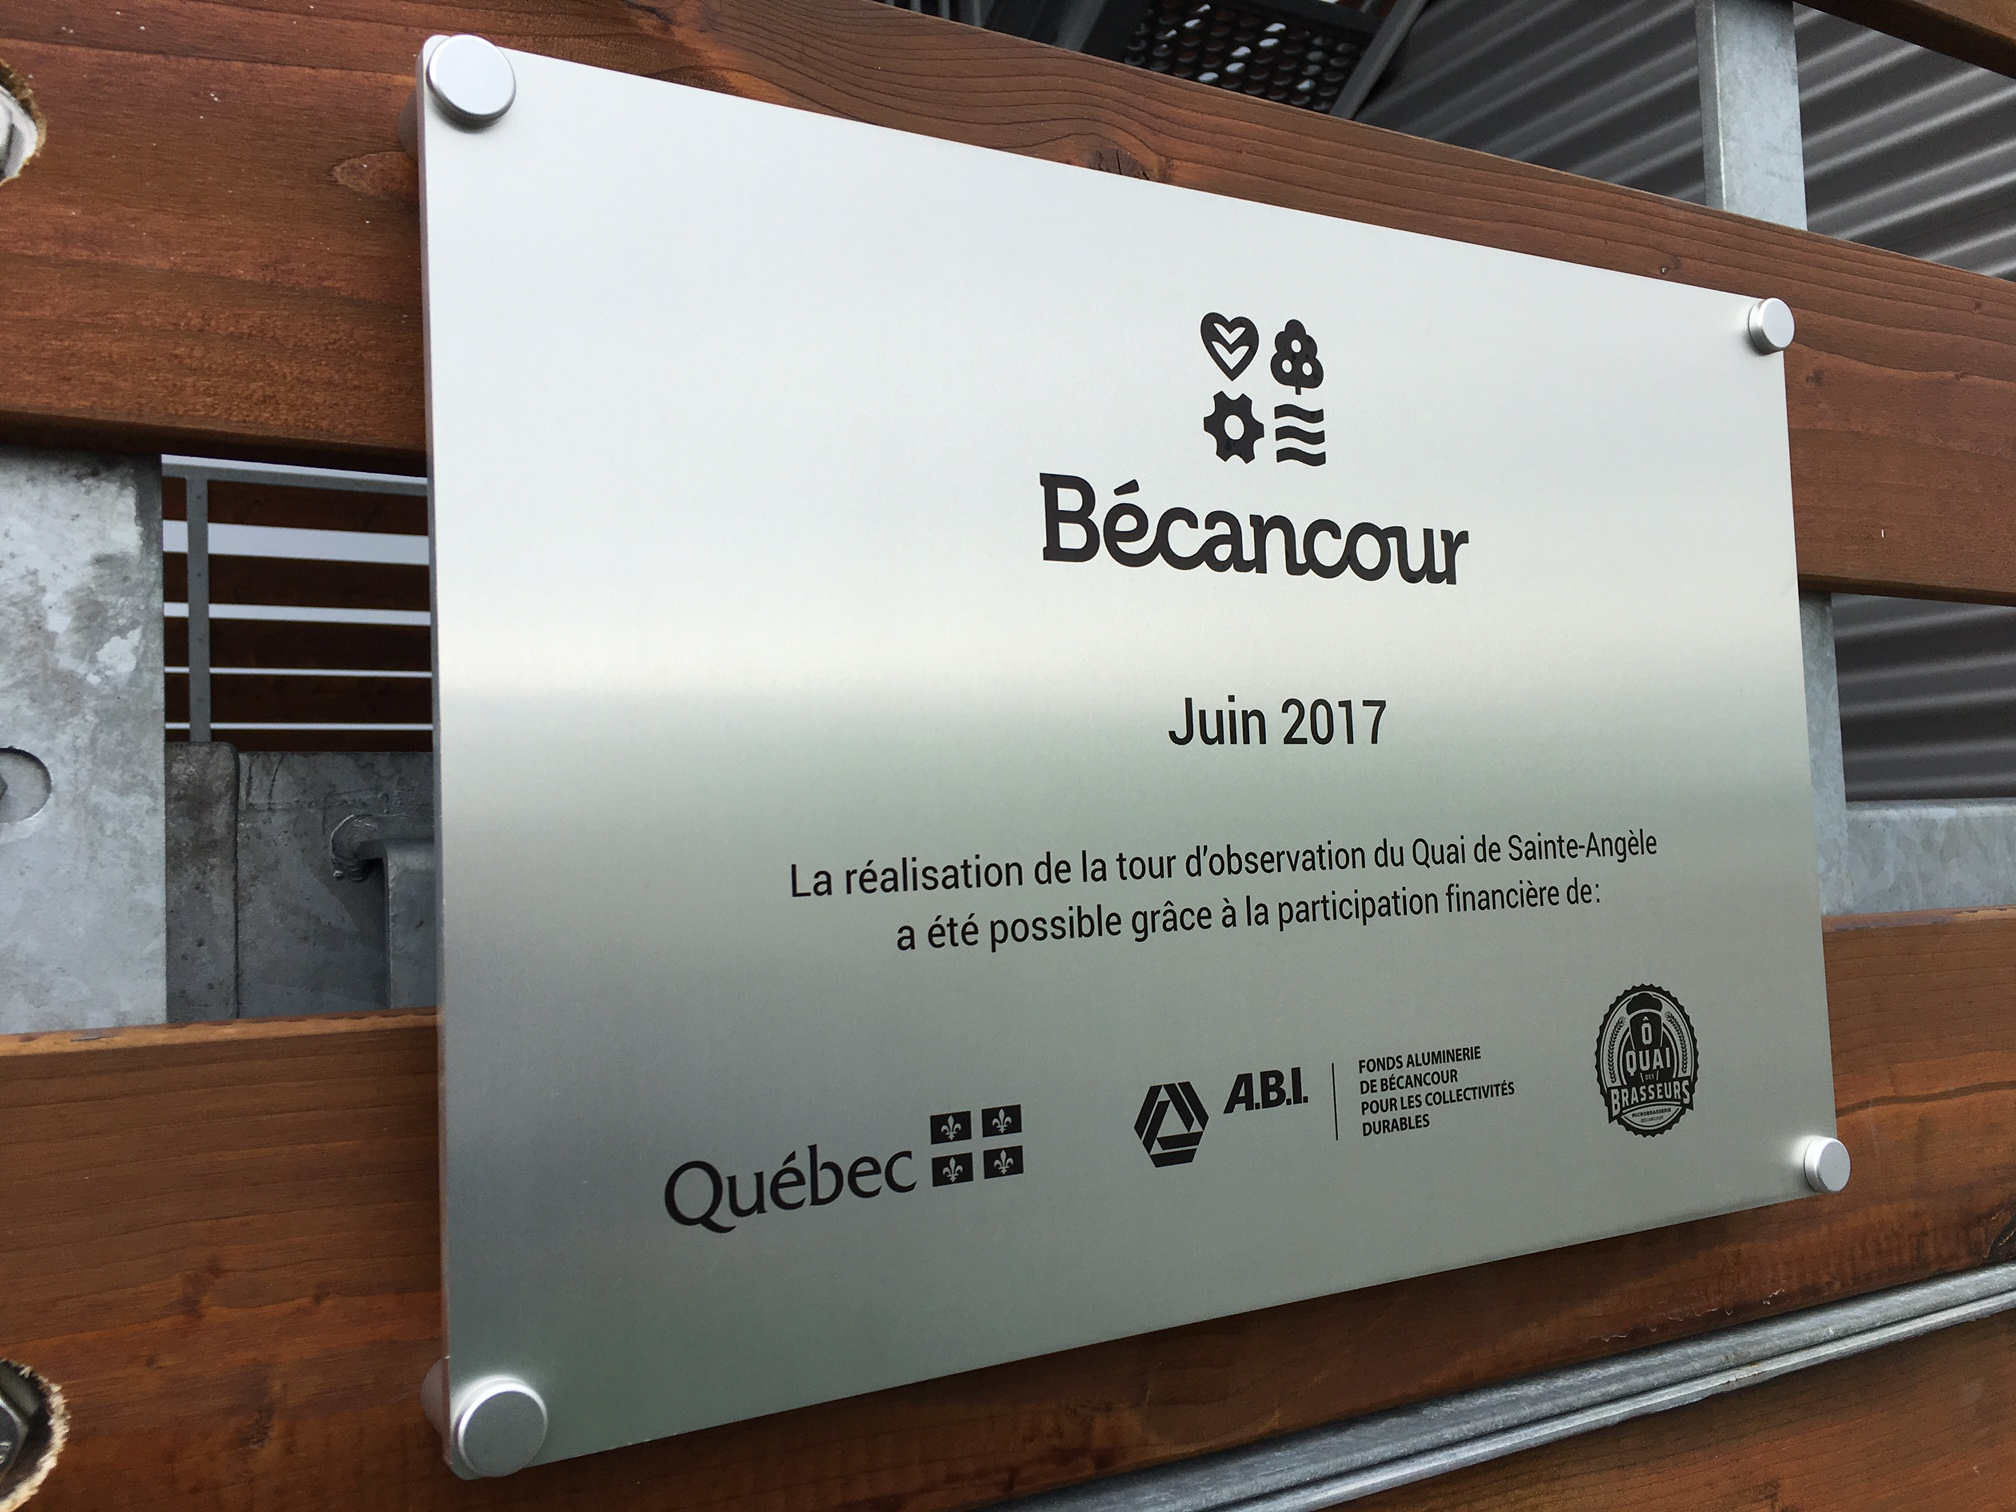 Plaque pour la d'observation du quai de Sainte-Angèle